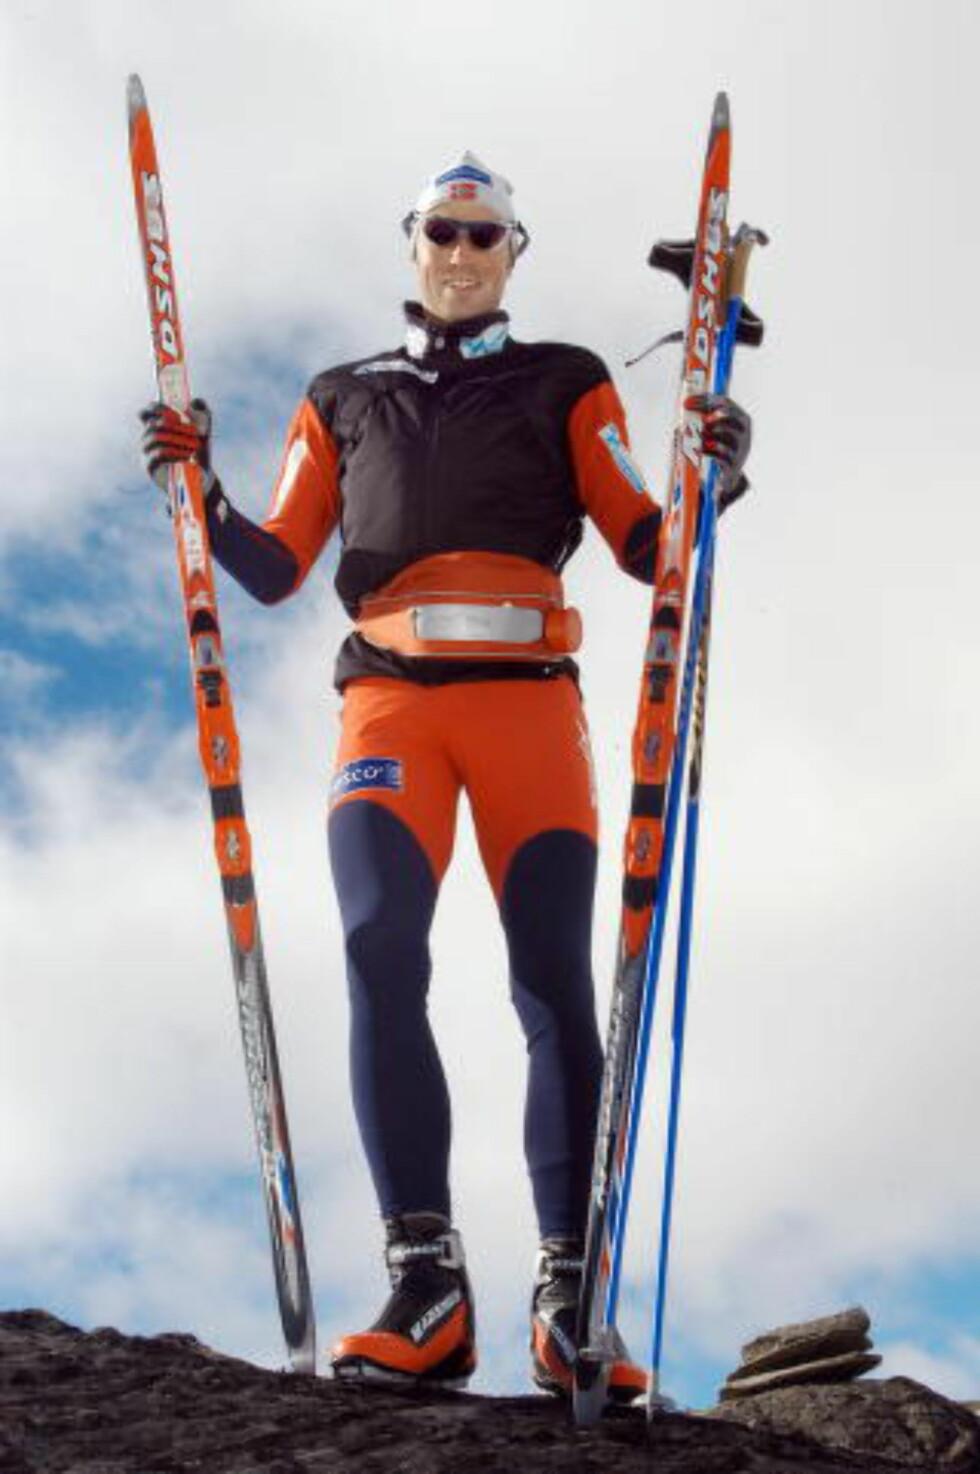 EN MANN FOR SINE SKI: Frode Estil har alltid vært veldig opptatt av utstyret. Nå satser han på å bli best i verden på å slipe ski. Foto: Brynjar Skjærli